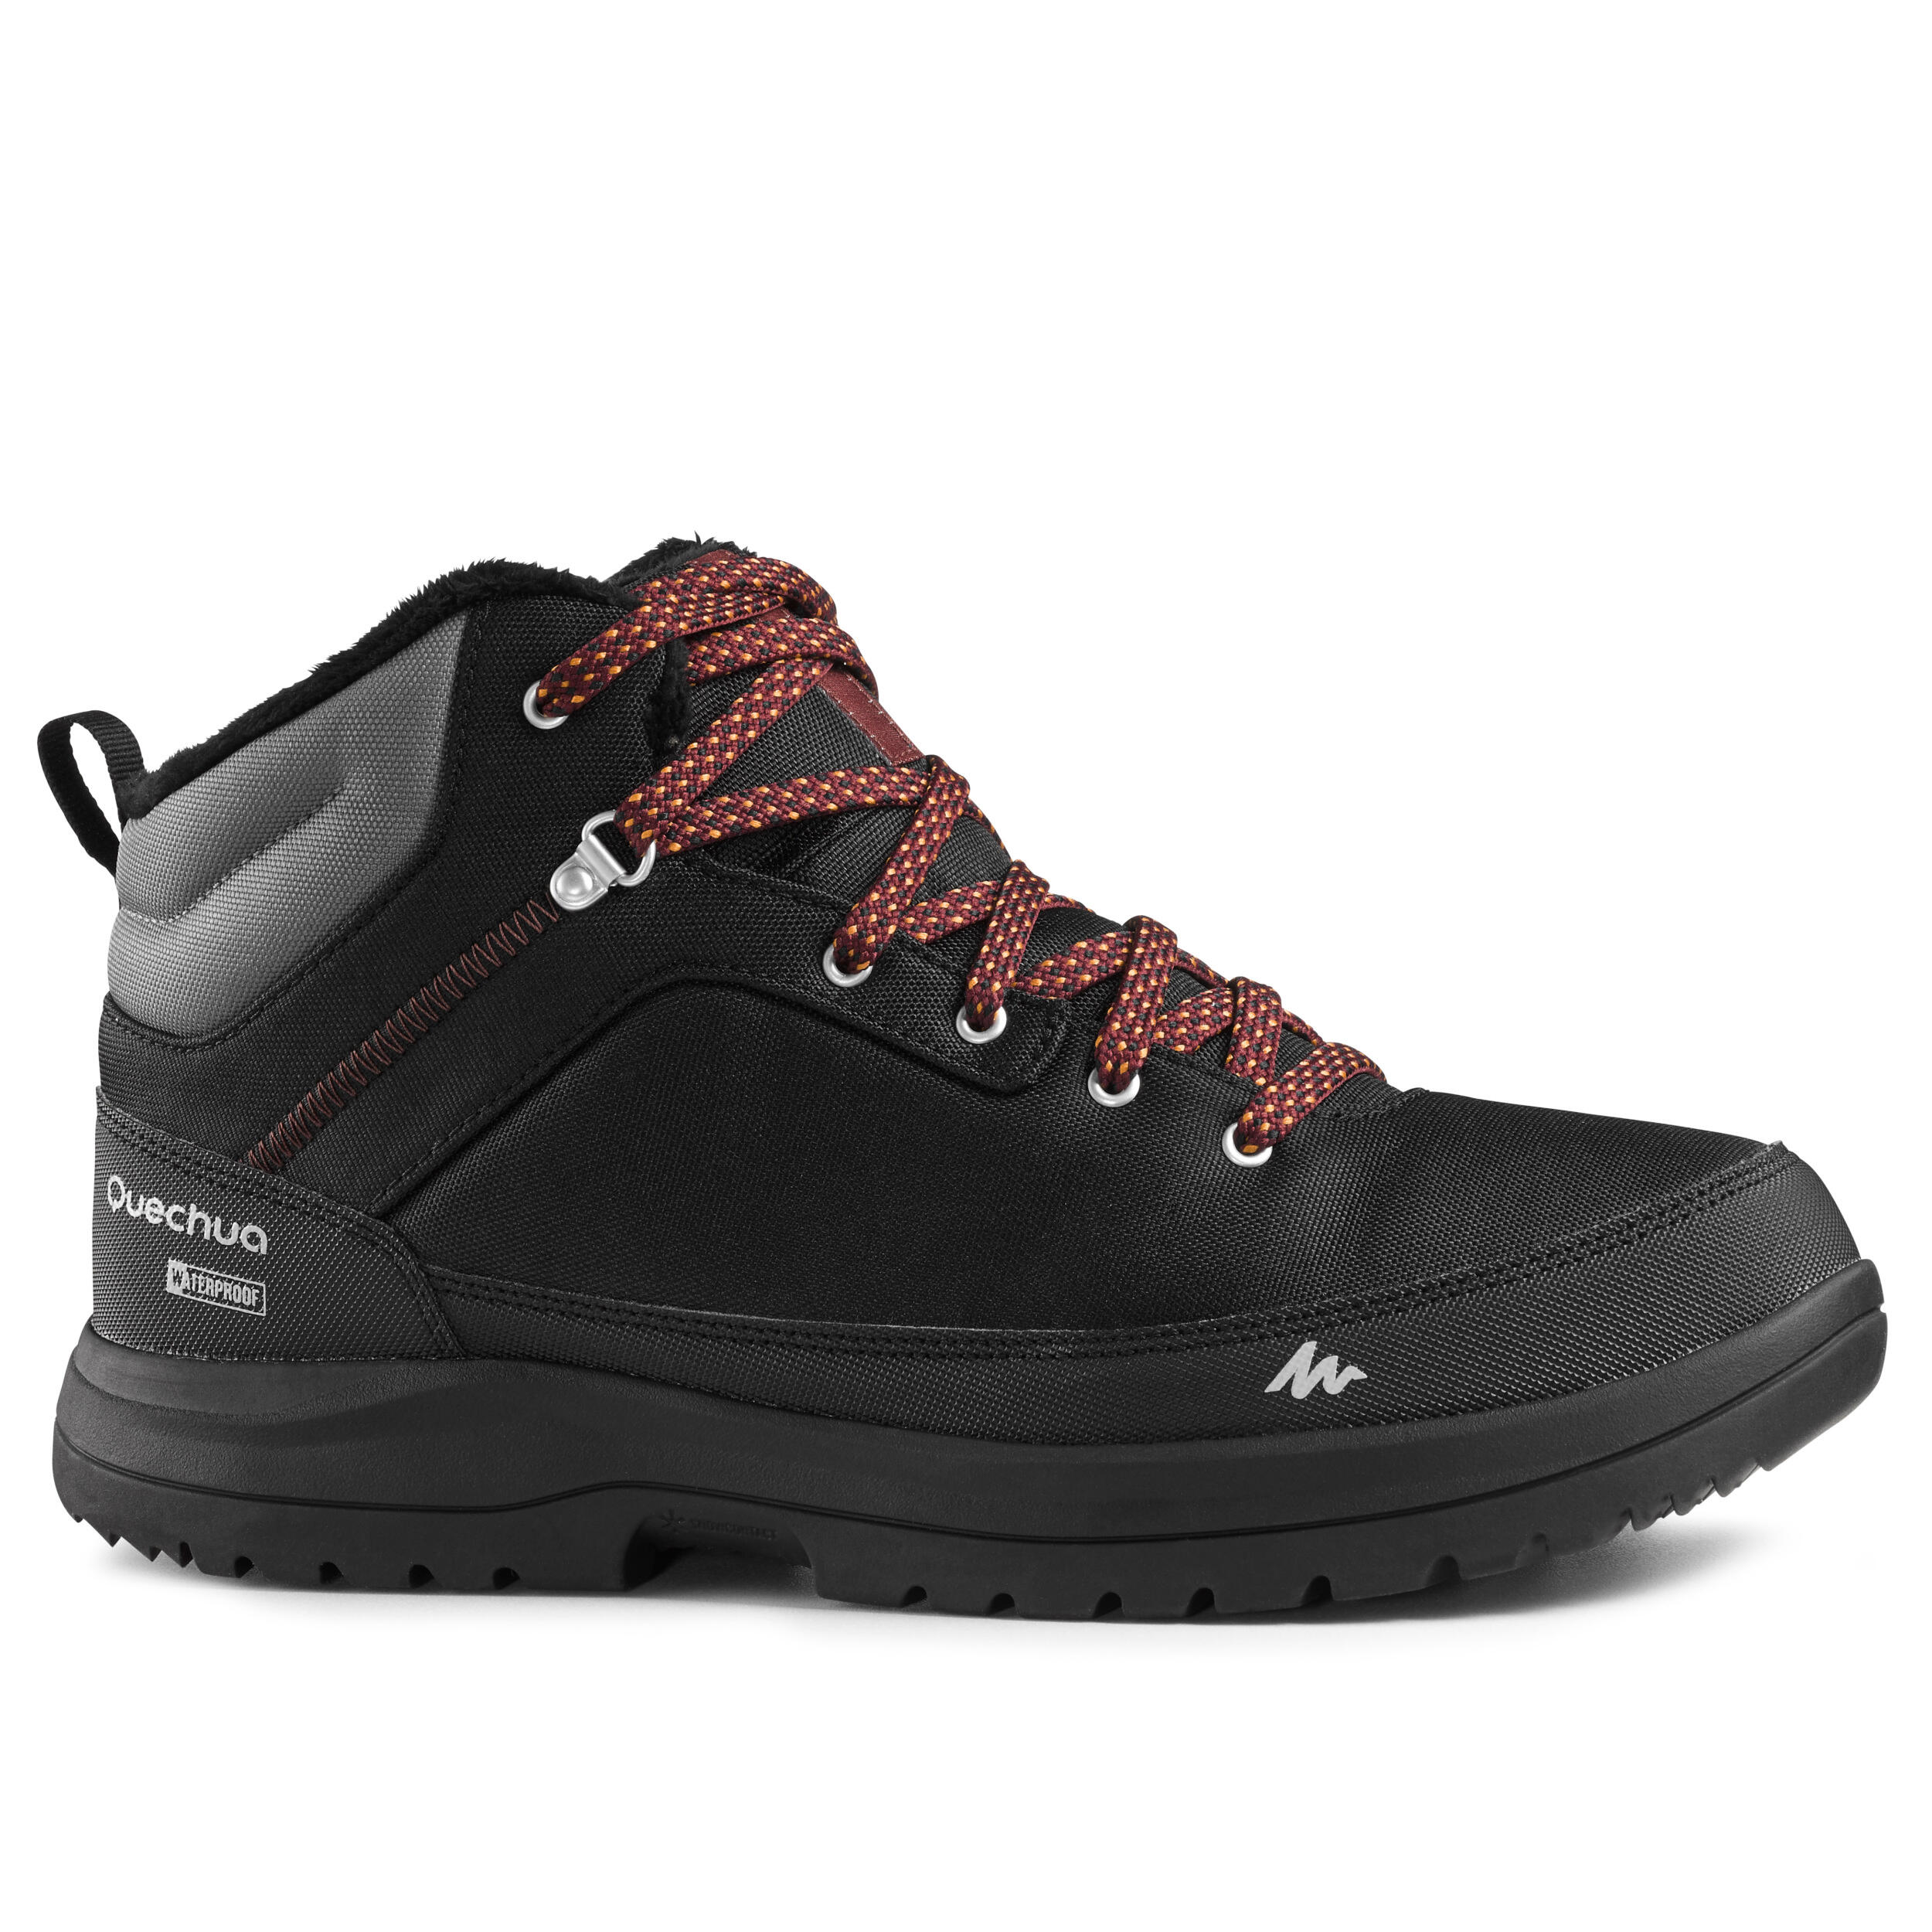 official store sale retailer latest design Chaussures | Randonnée - Trek | Decathlon